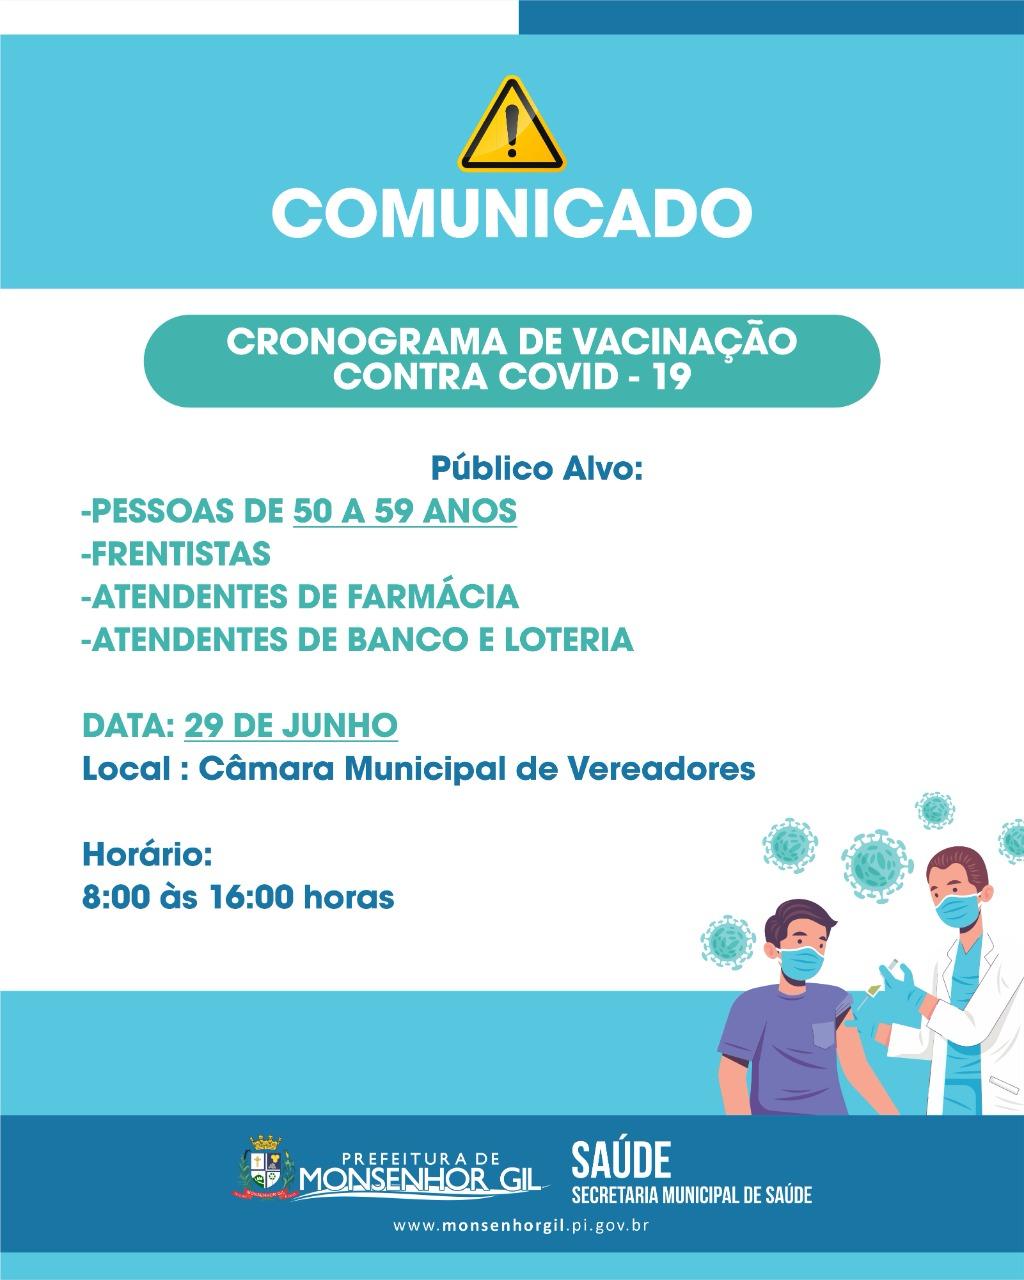 Monsenhor Gil irá vacinar na terça feira de 50 a 59 e algumas categorias - Imagem 1